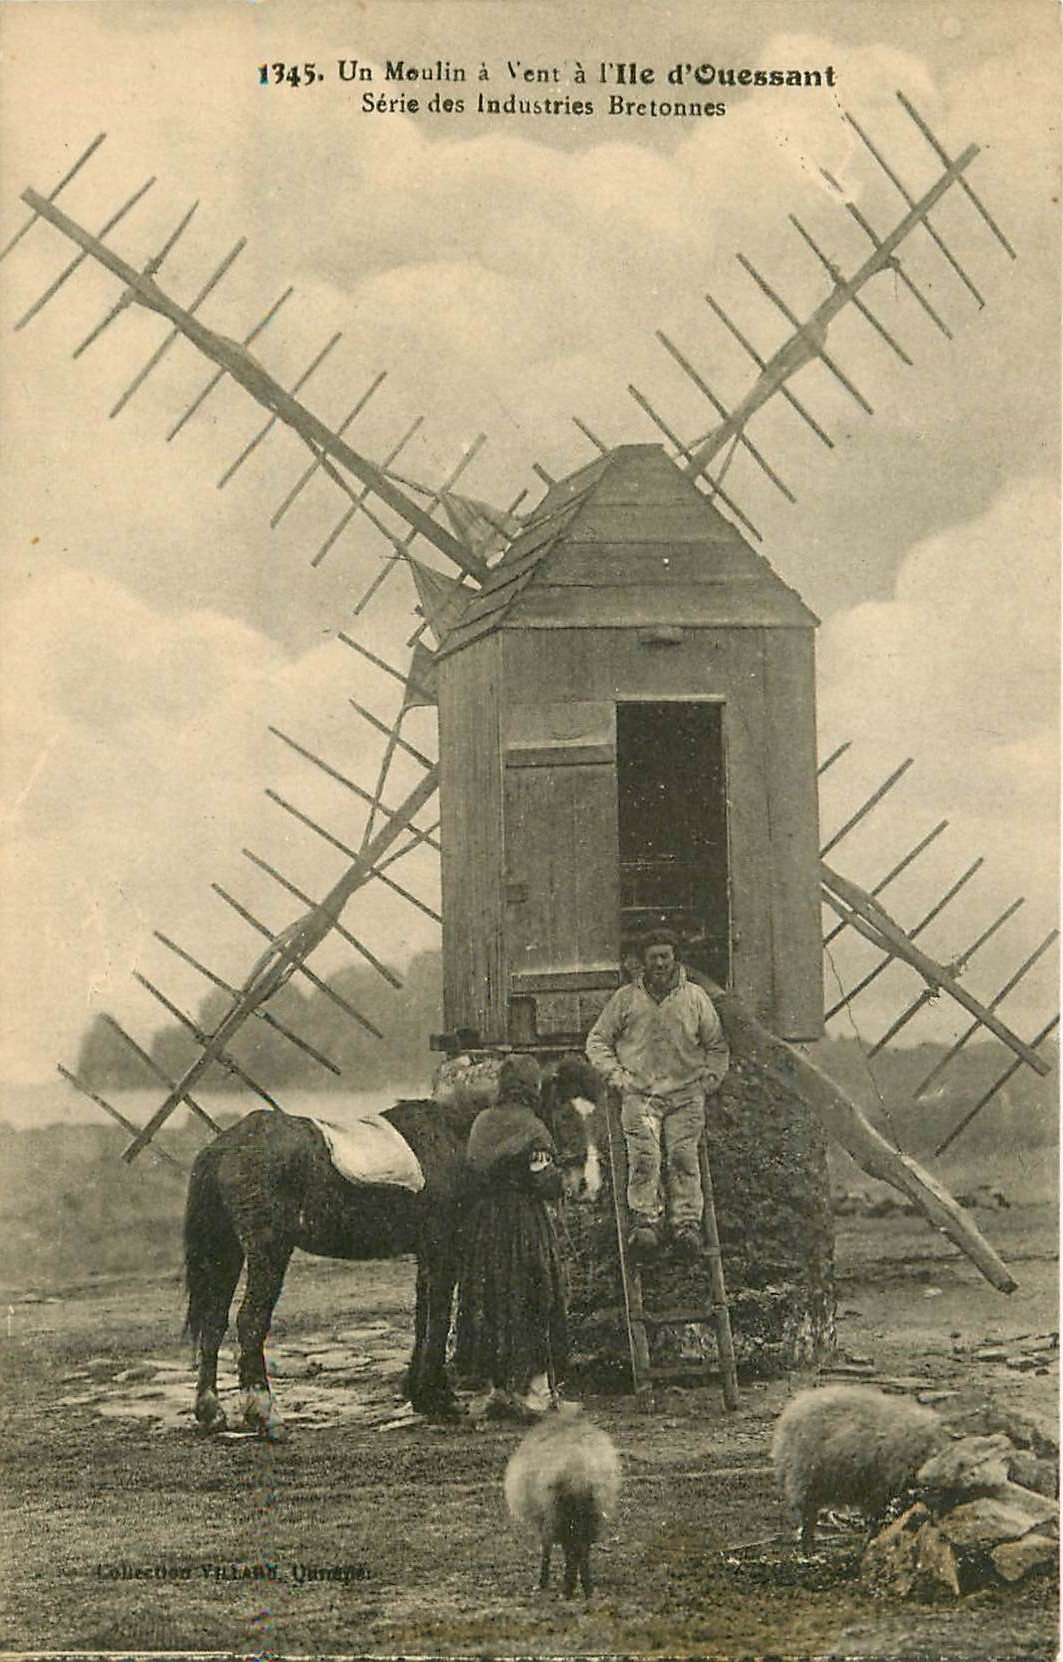 29 ILE OUESSANT. Un Moulin à Vent avec Bretonne et son cheval